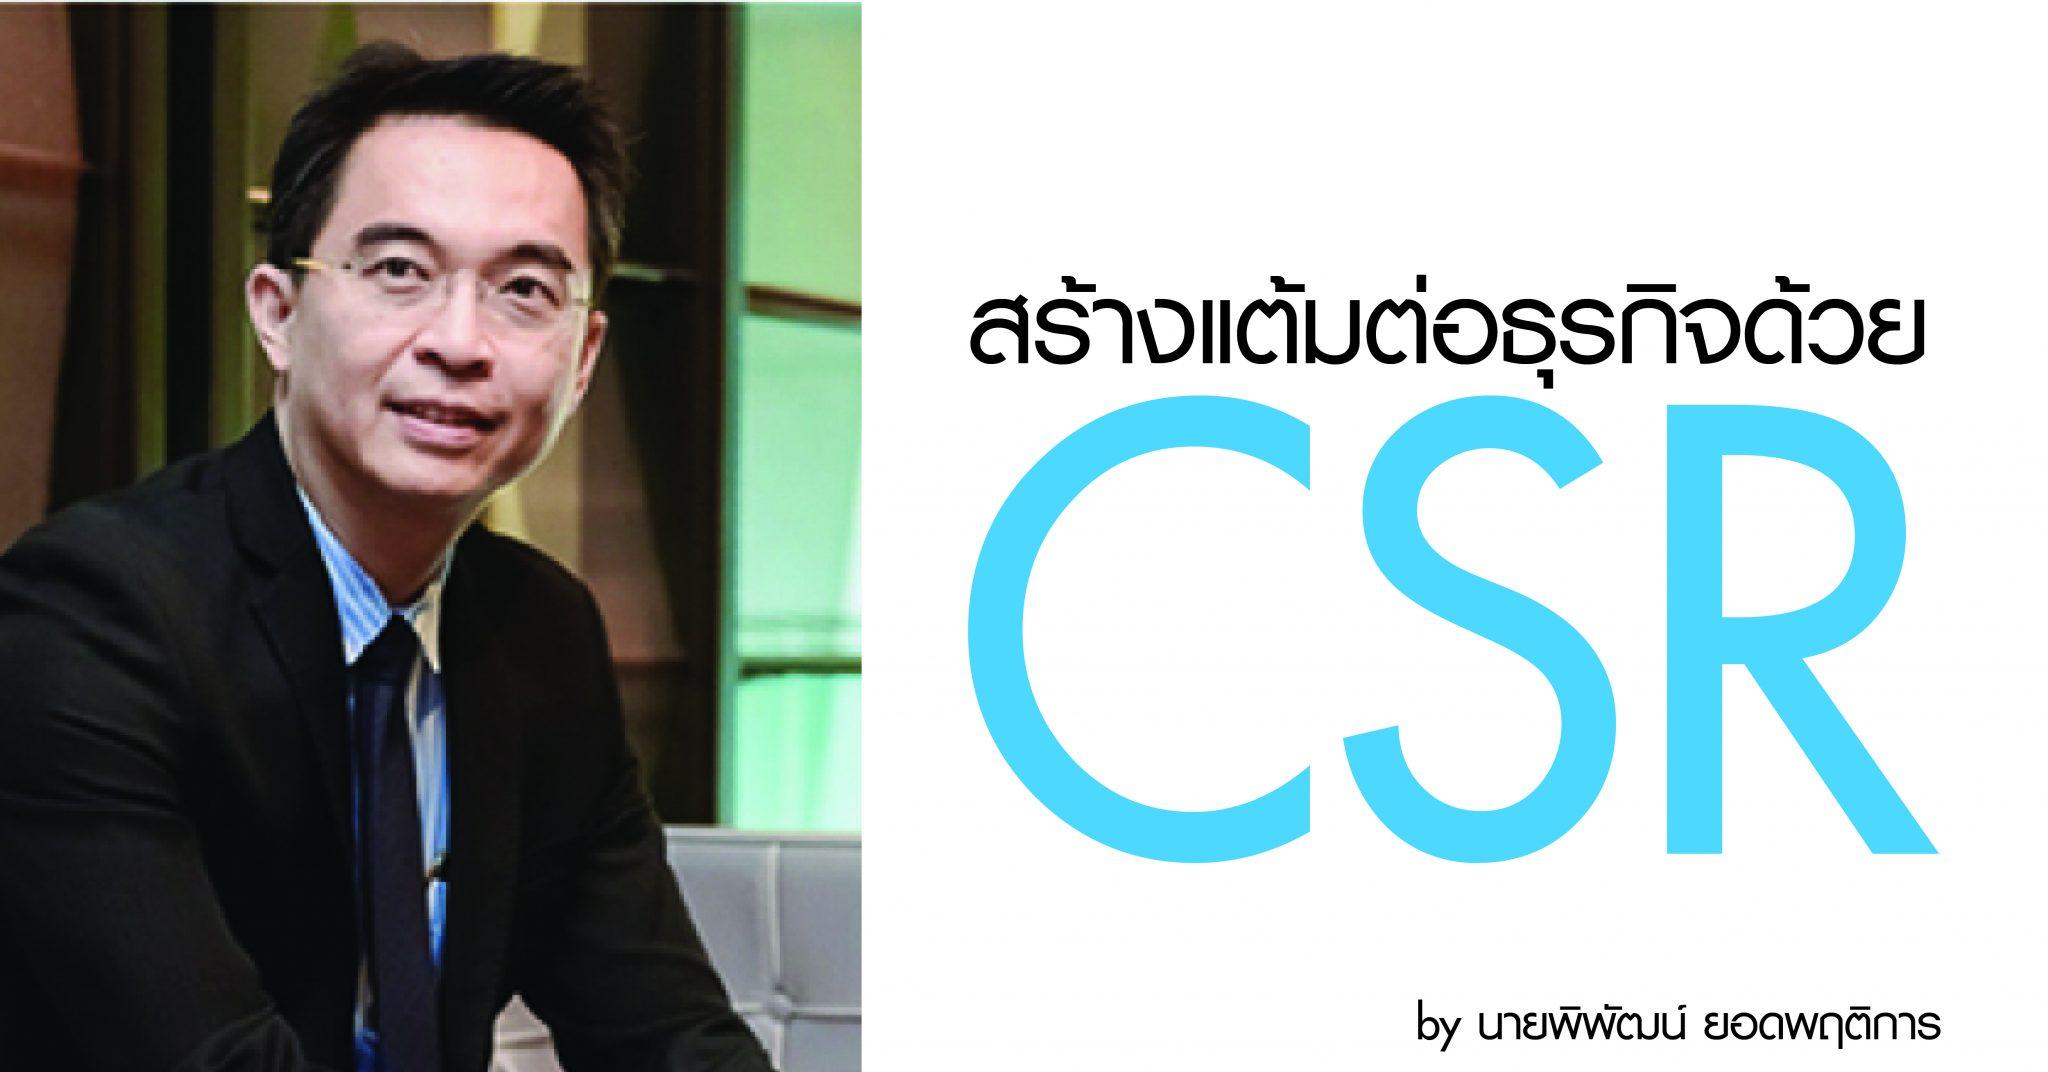 สร้างแต้มต่อธุรกิจด้วย CSR